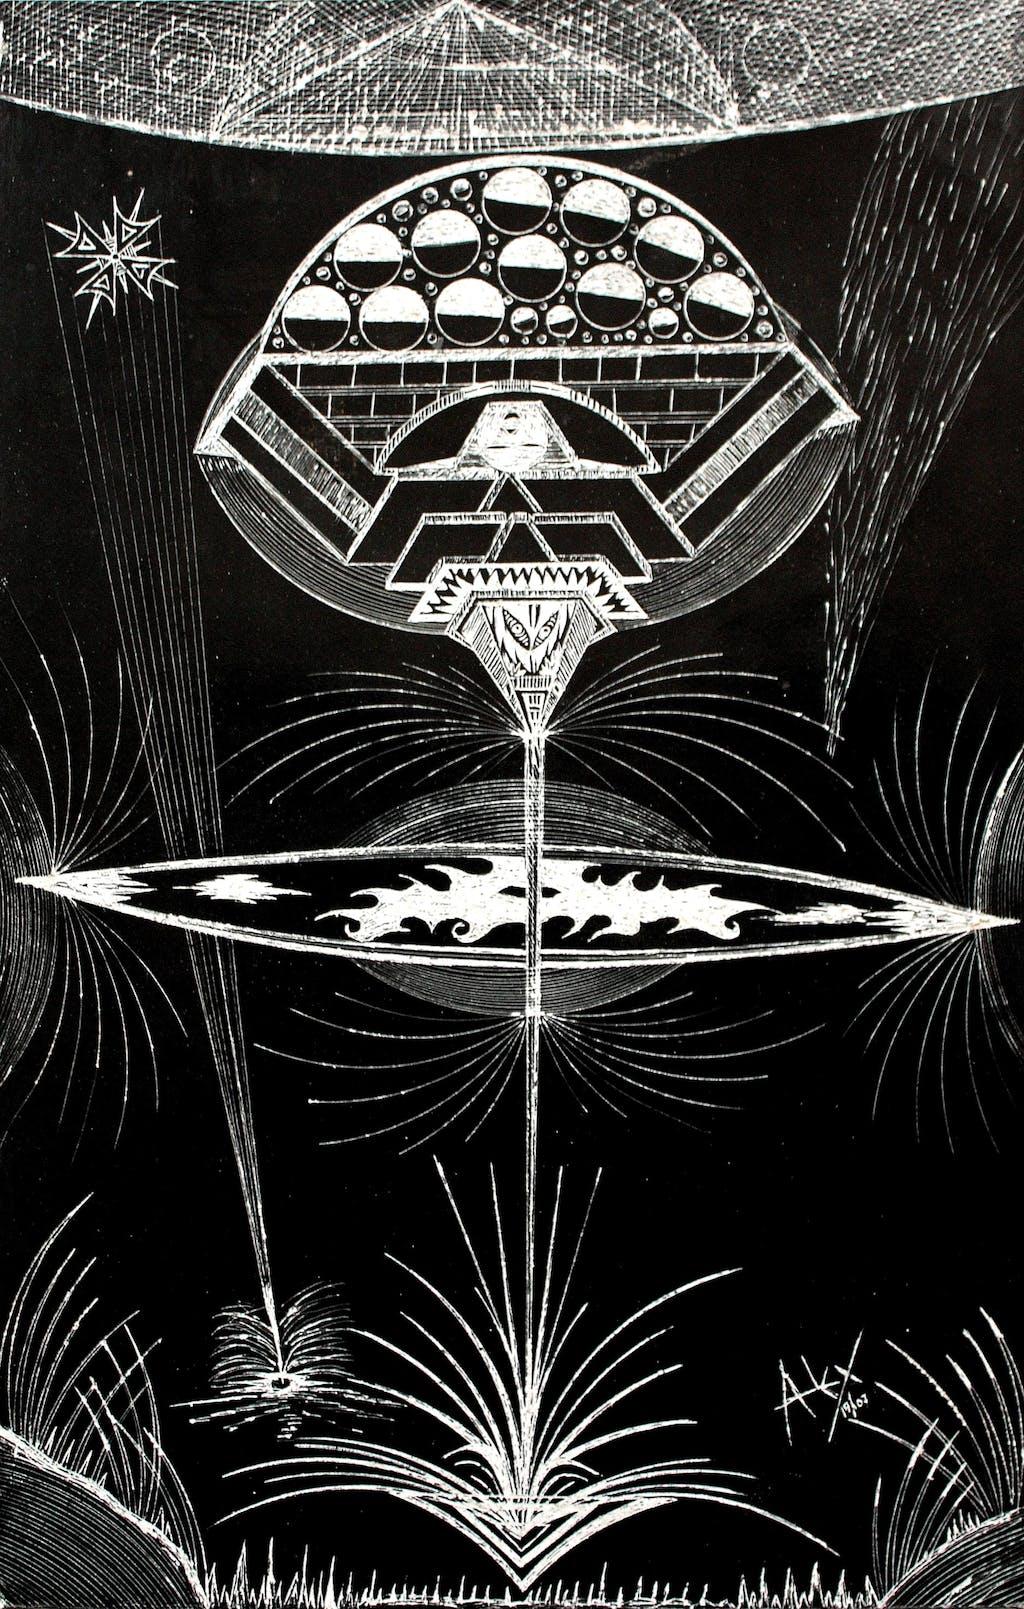 este se llama: la copa cosmica - © christian berst — art brut